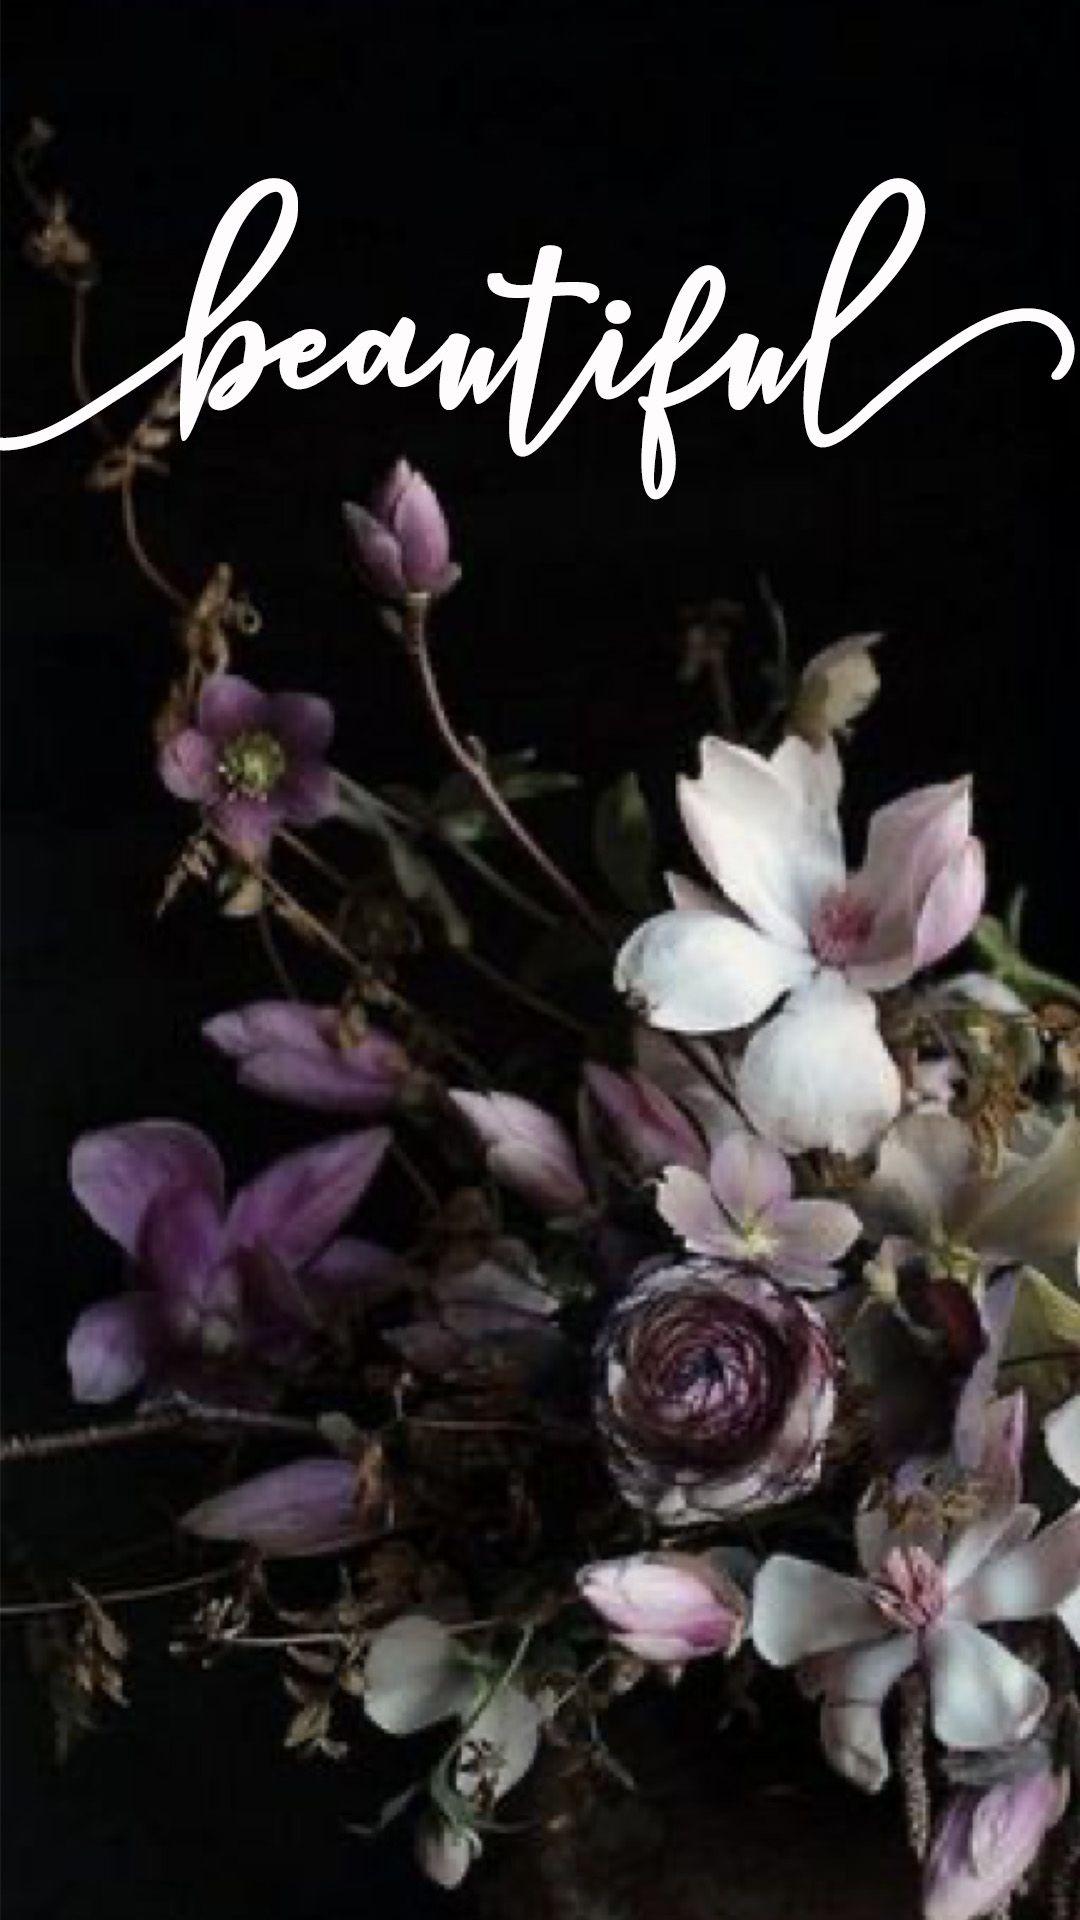 Vintage Floral 3 Fonds D Ecran A Telecharger Pour Feter L Ete En 2020 Fond D Ecran Telephone Fond Ecran Fond Ecran Vintage